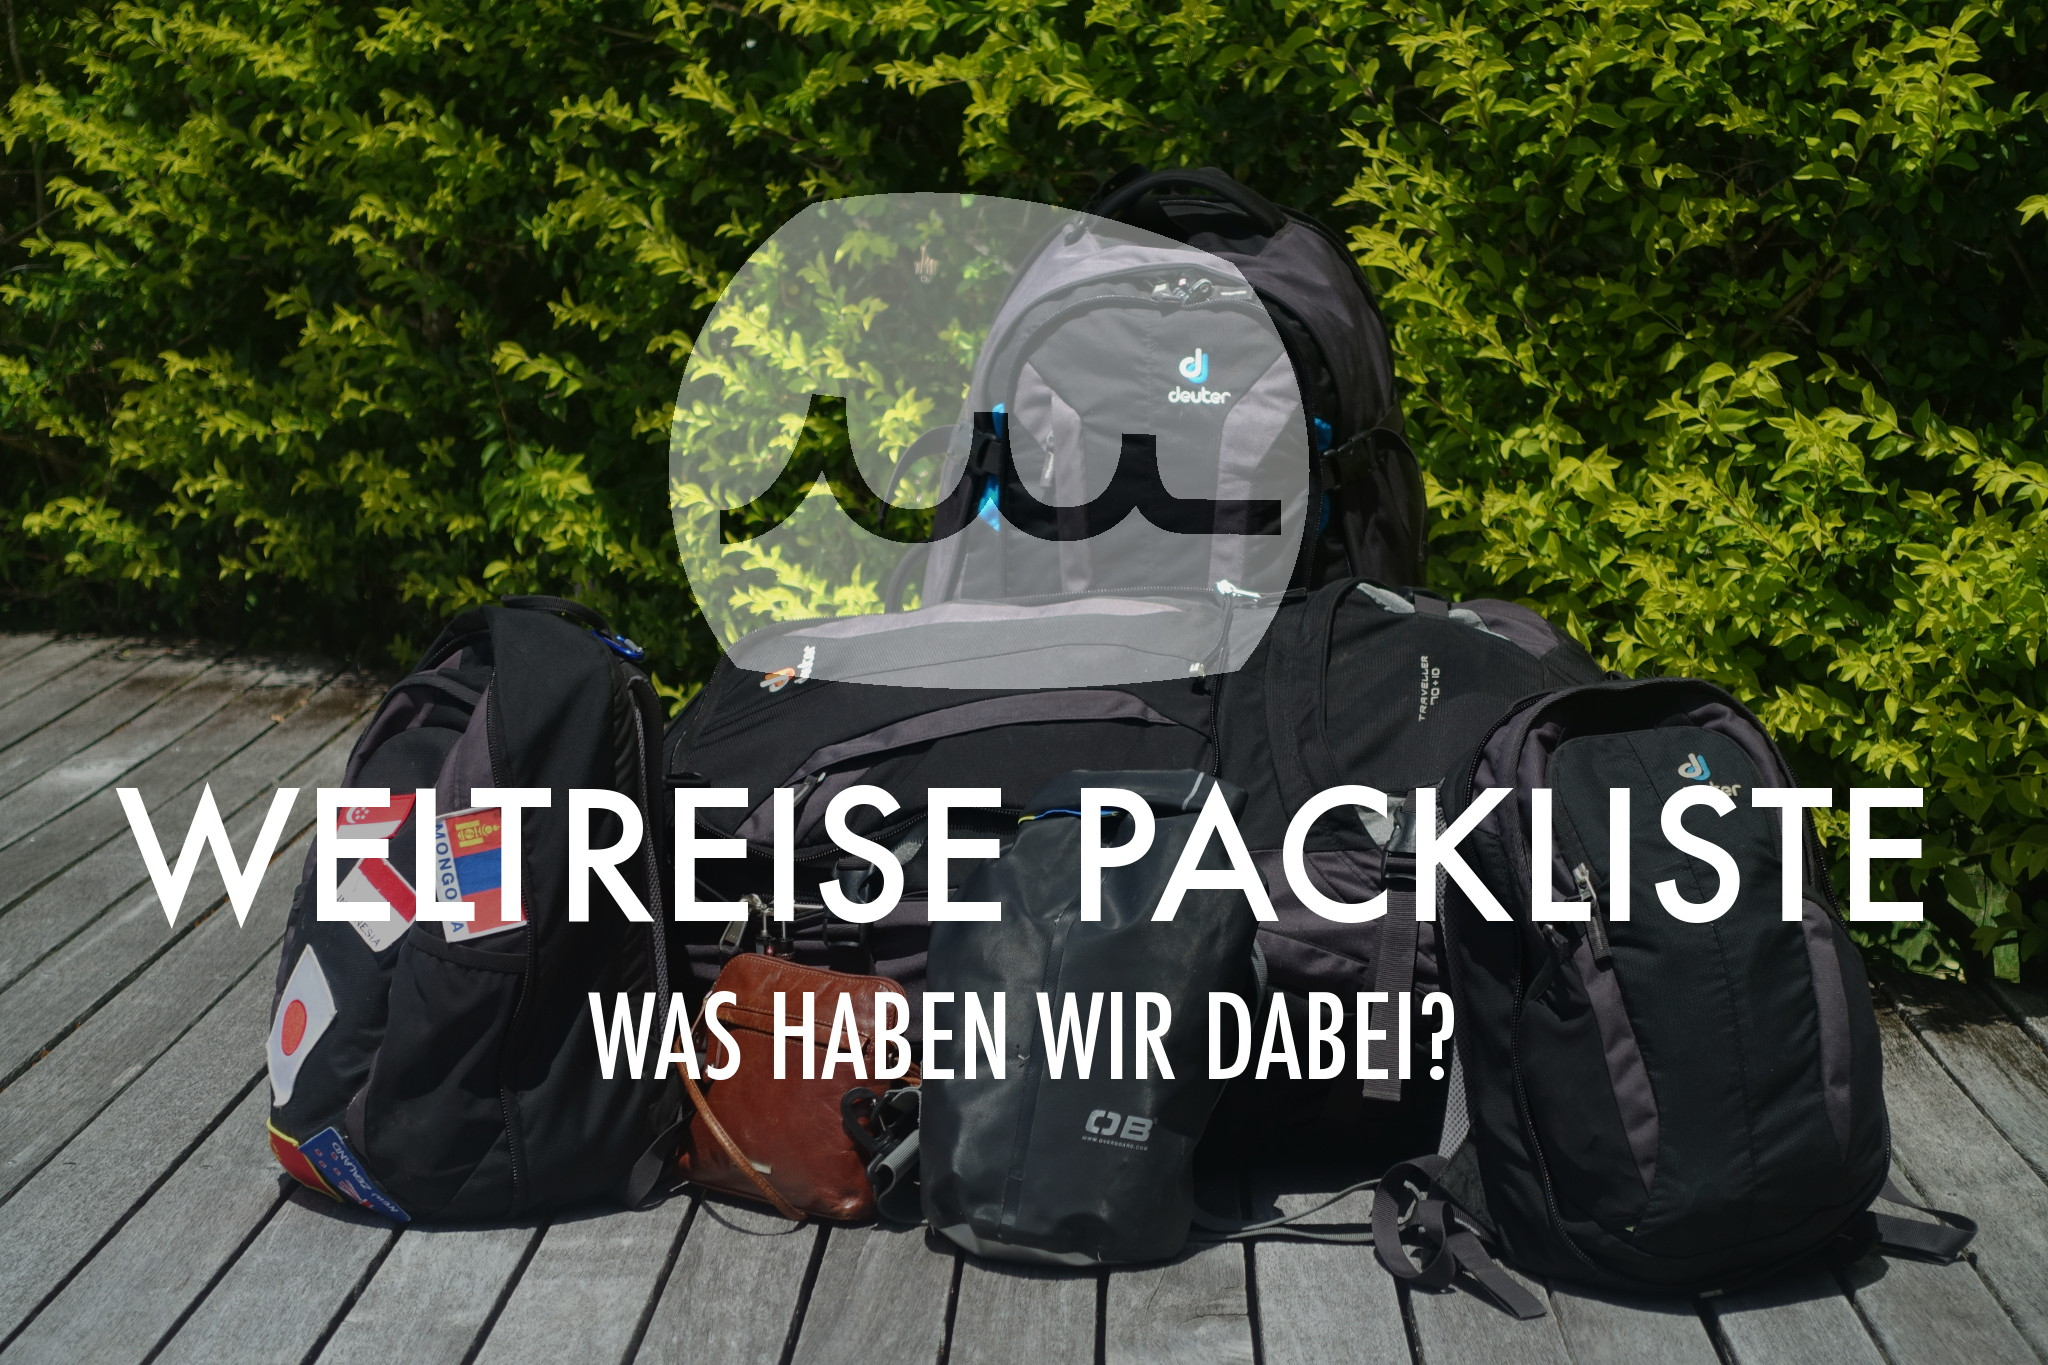 Unsere kommentierte Weltreise Packliste